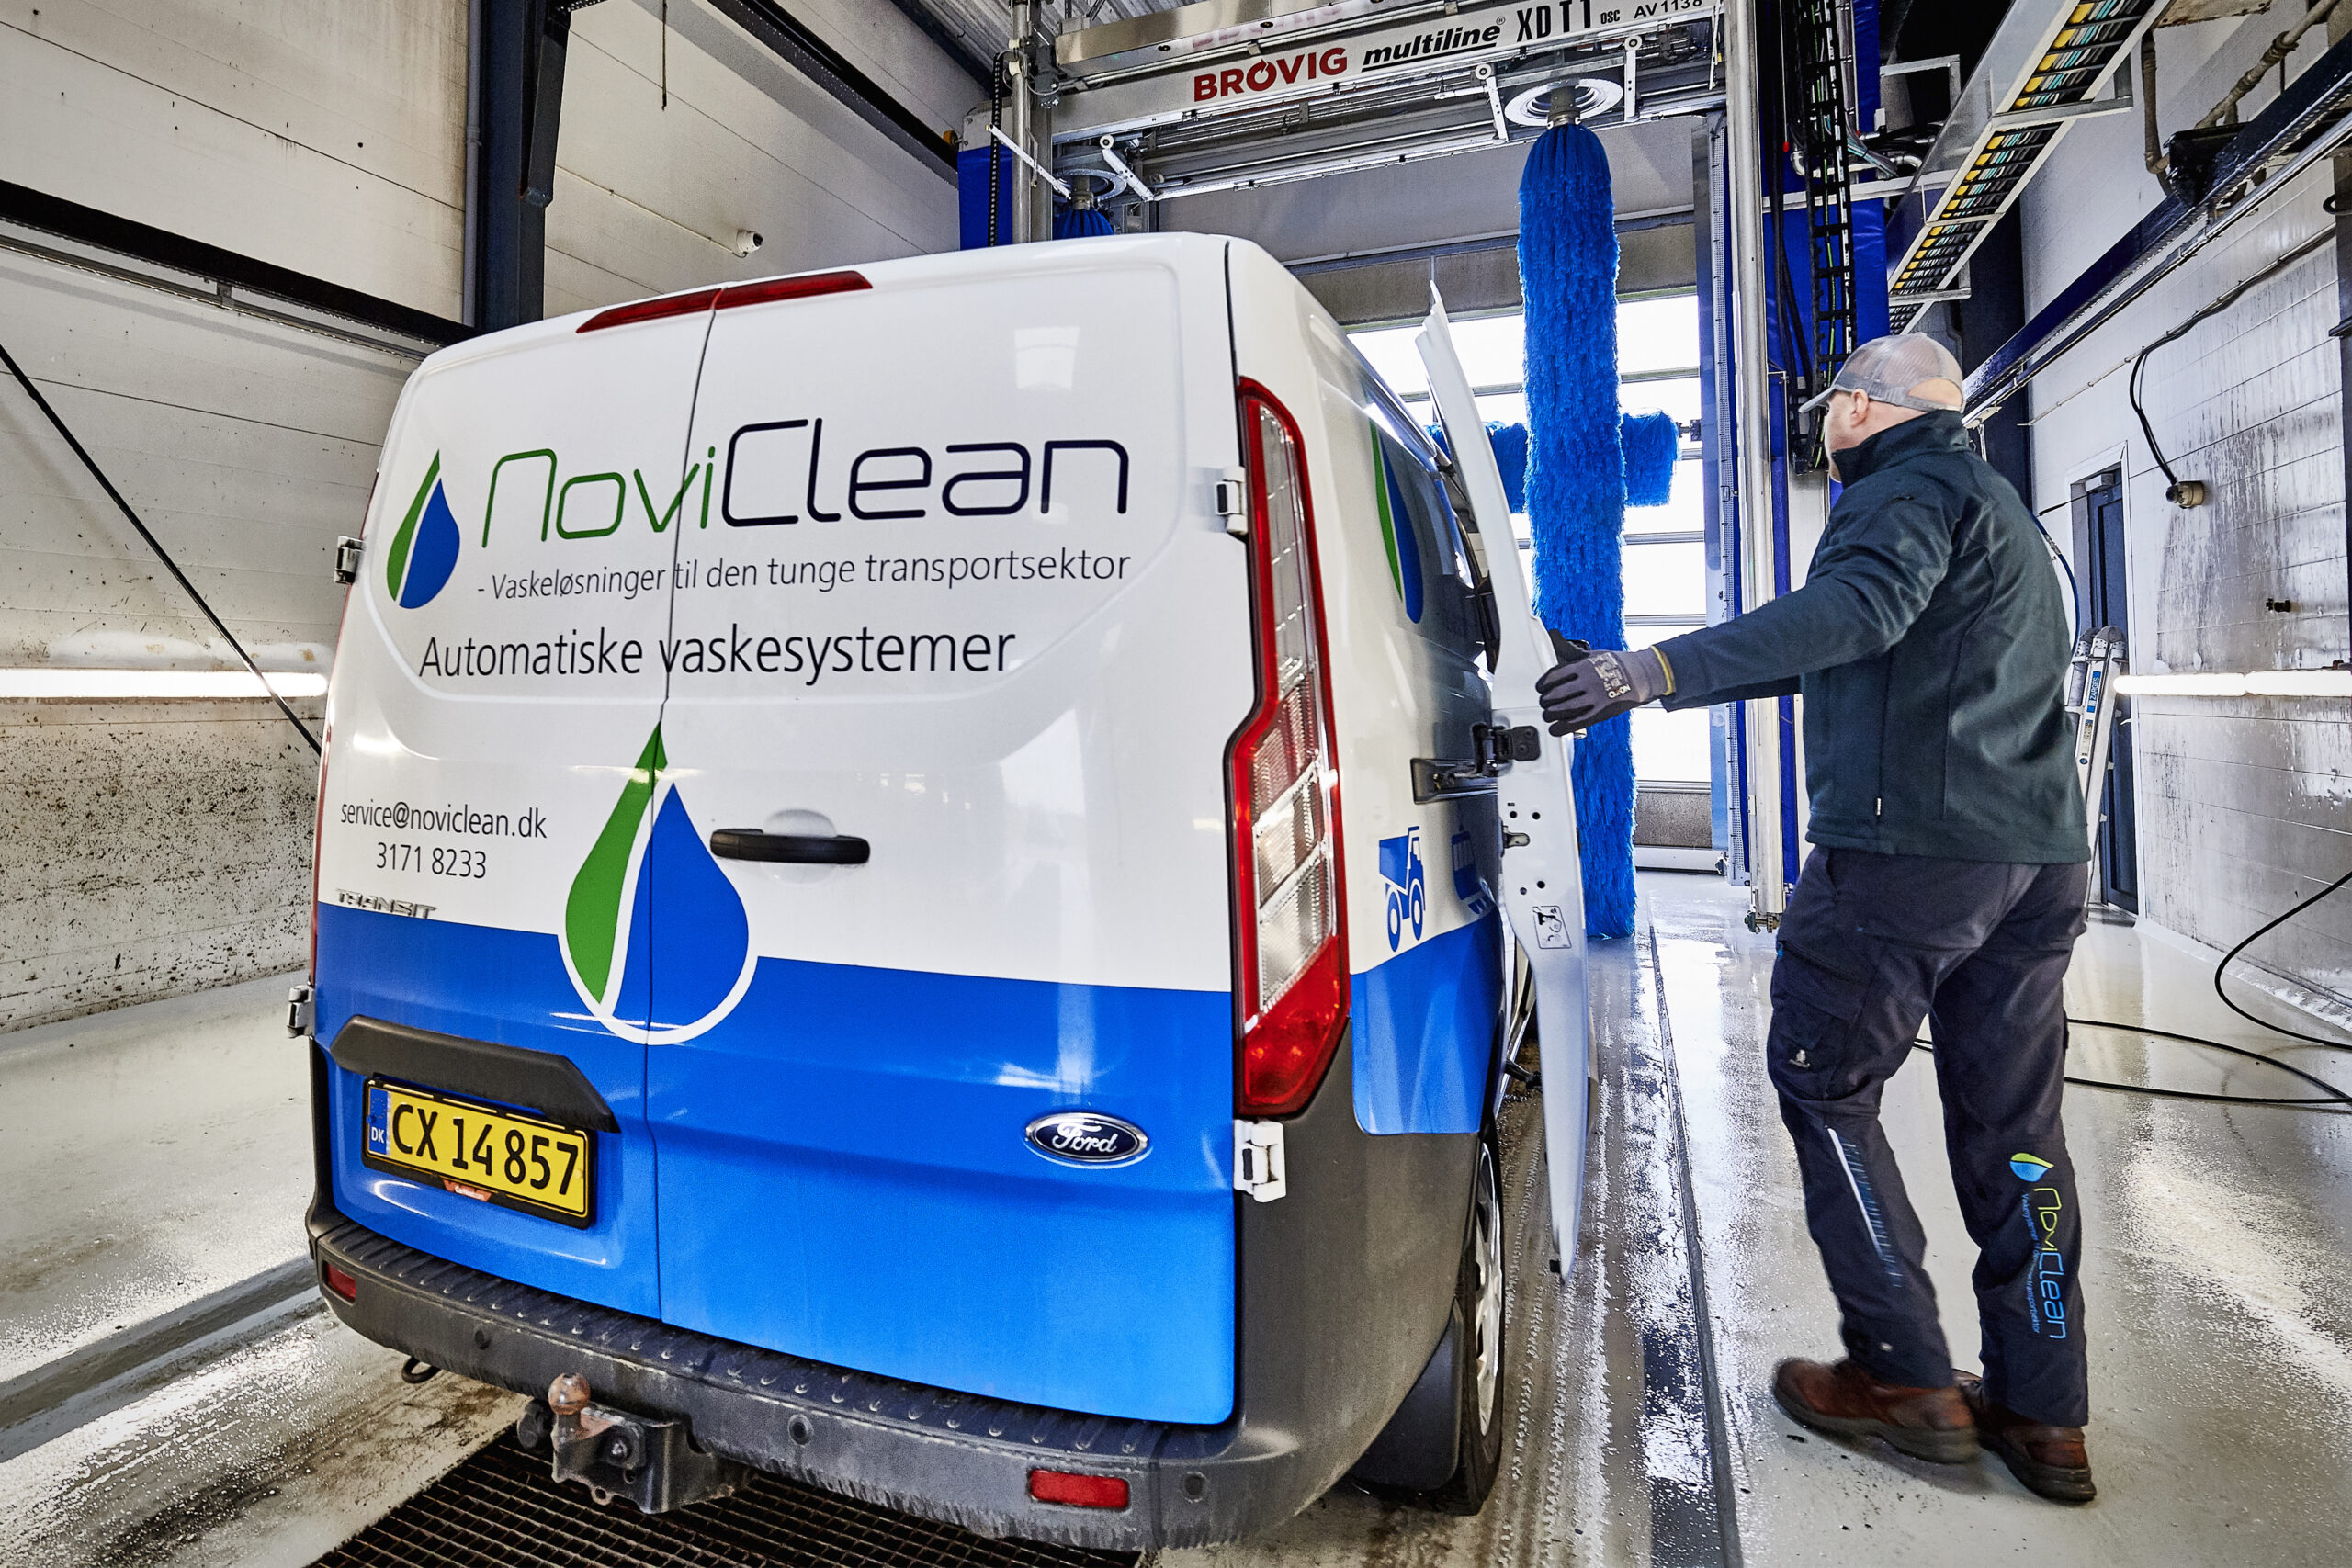 Servicering og installation af vaskesystemer fra NoviClean